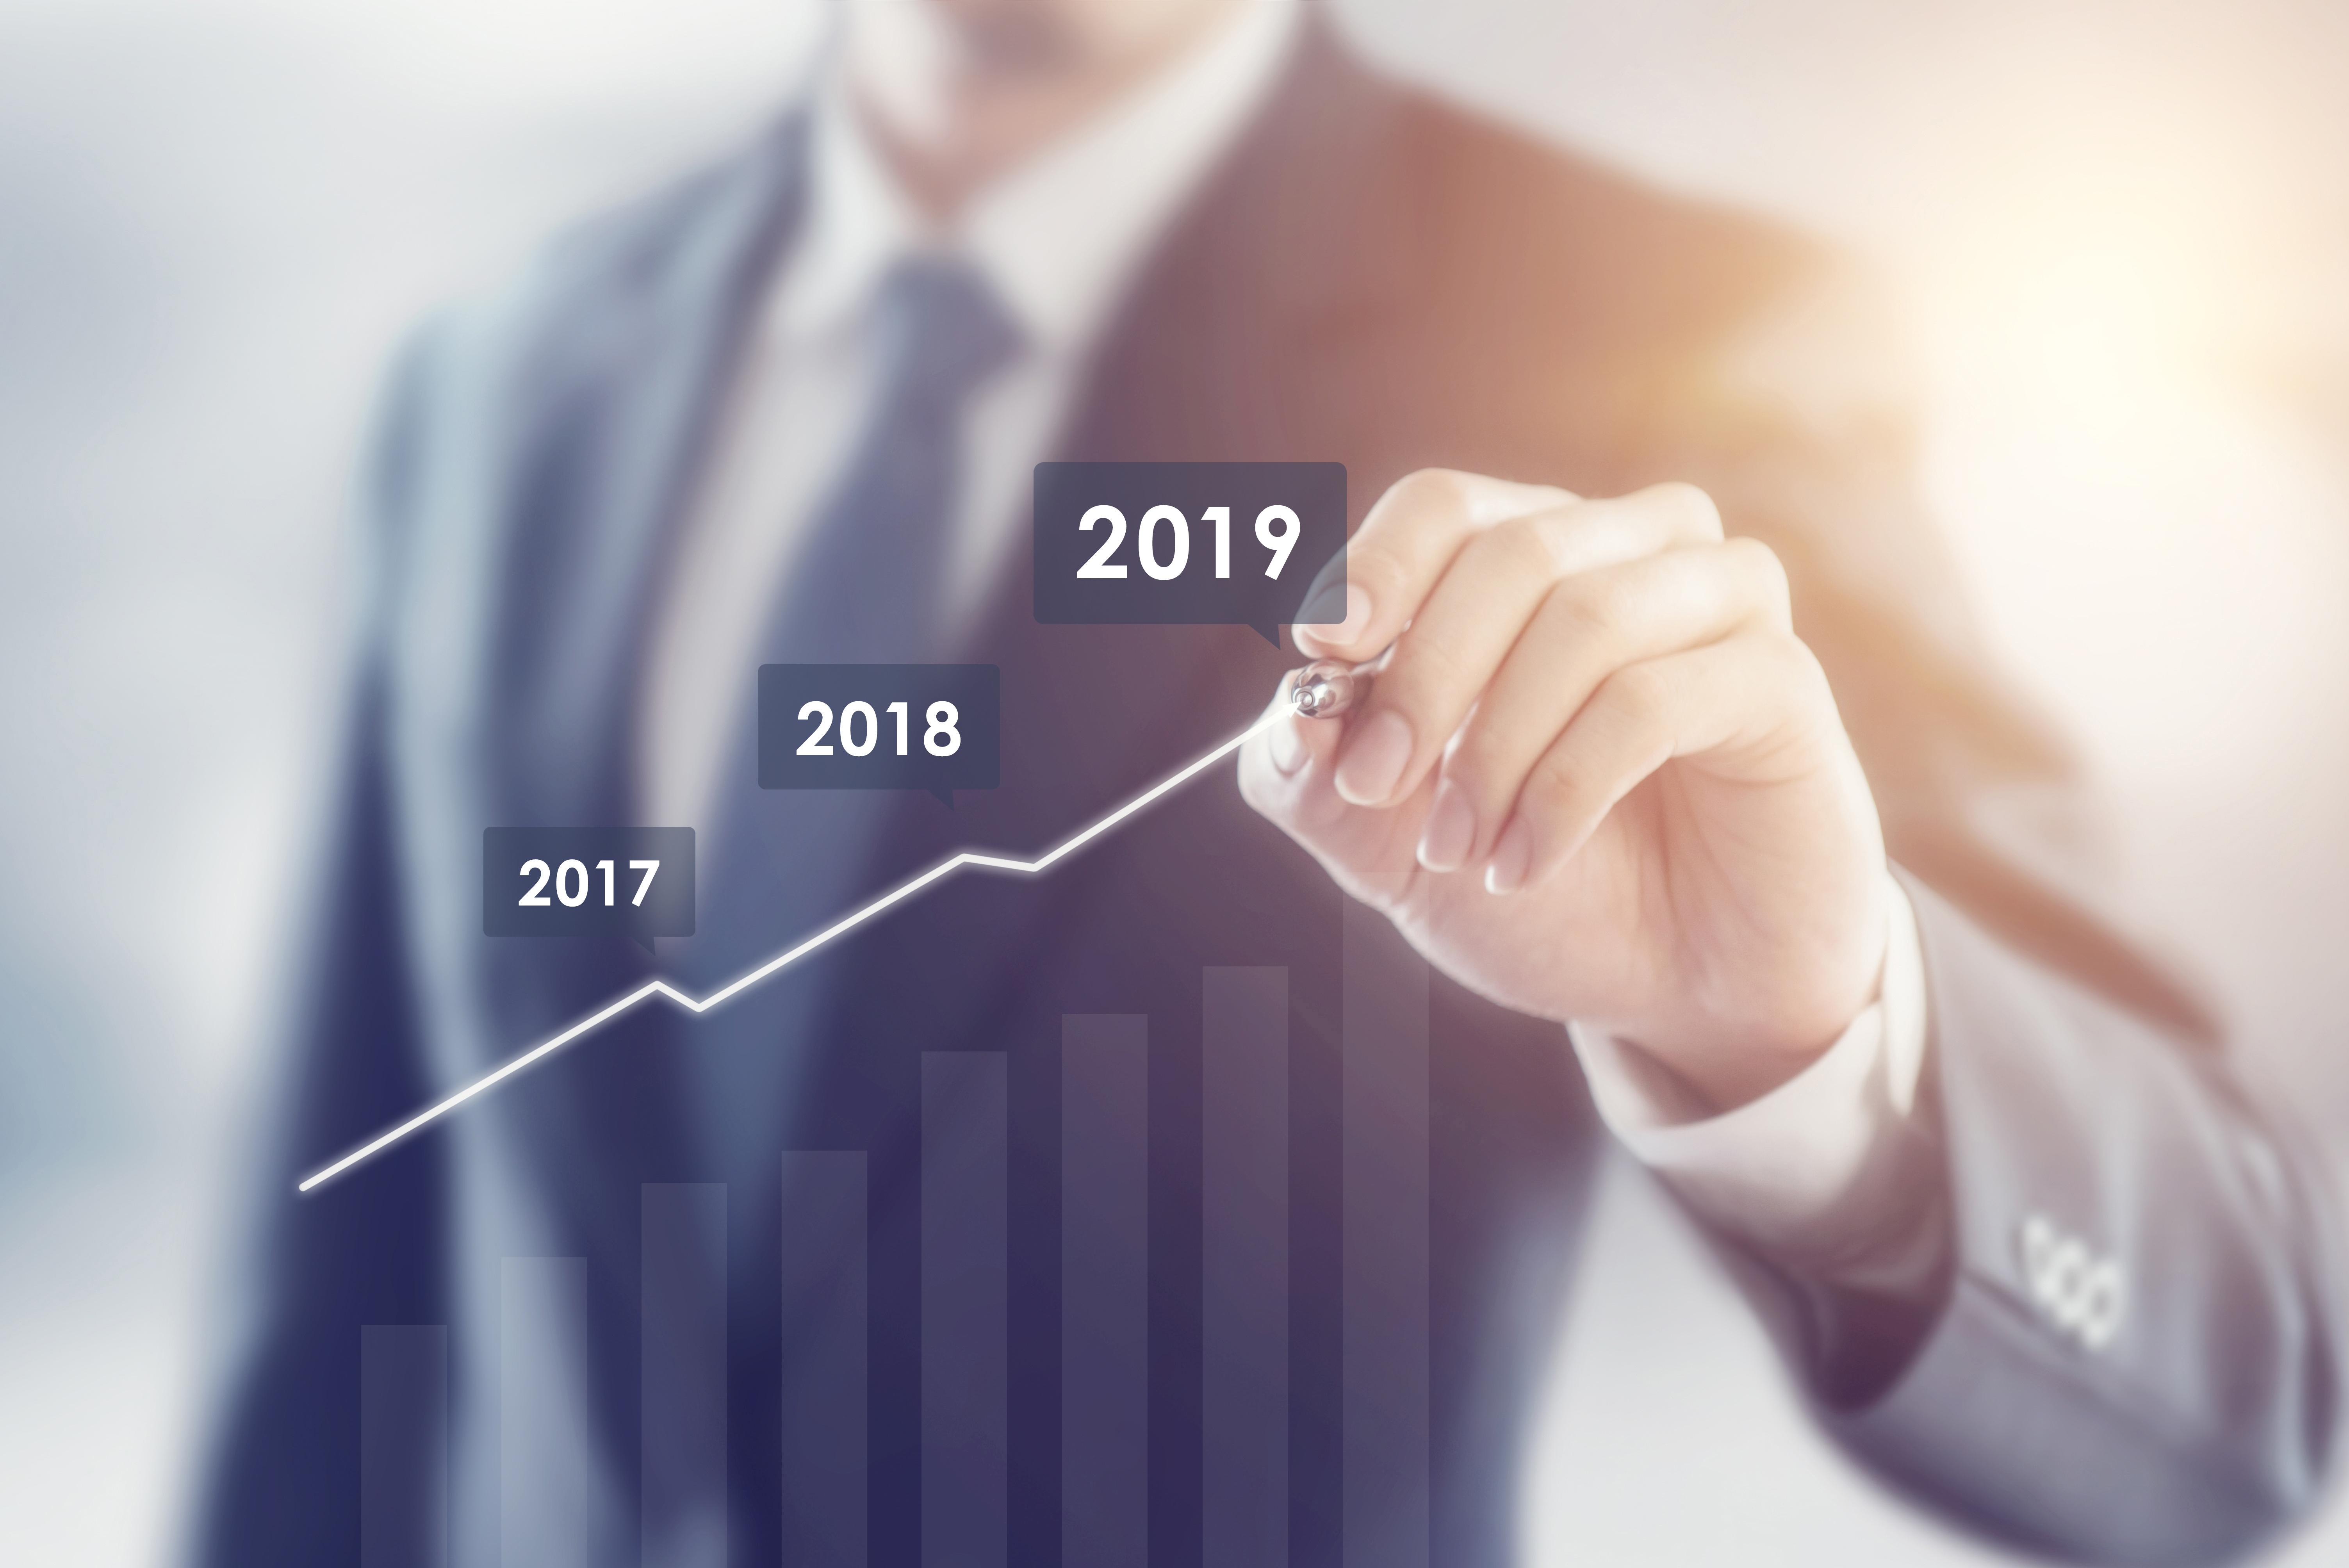 Top 3 Screening Trends of 2019